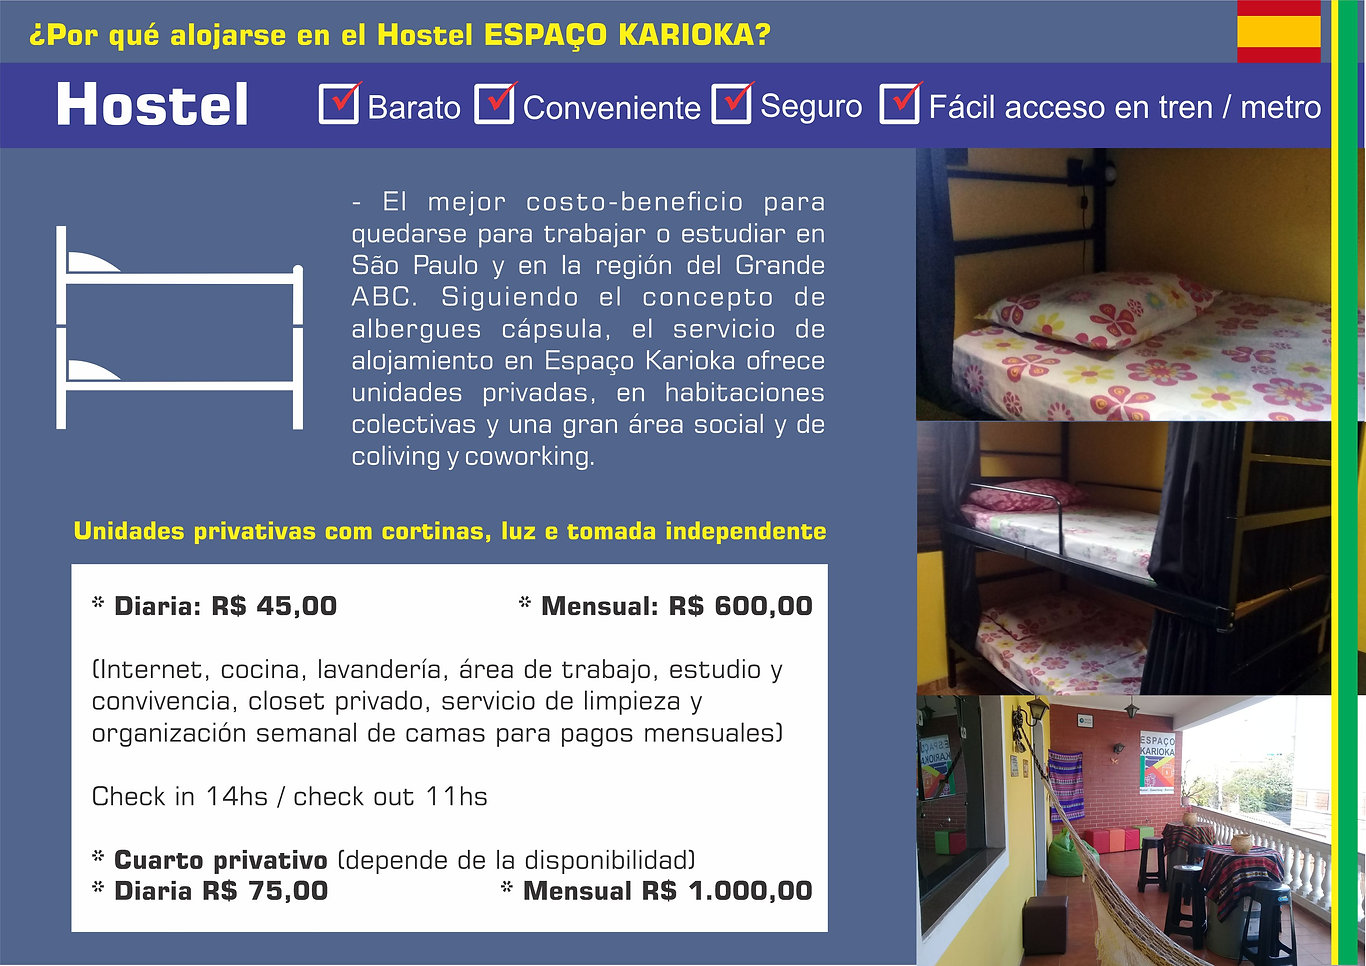 Anúncios_Karioka_2020_2_espanhol.jpg